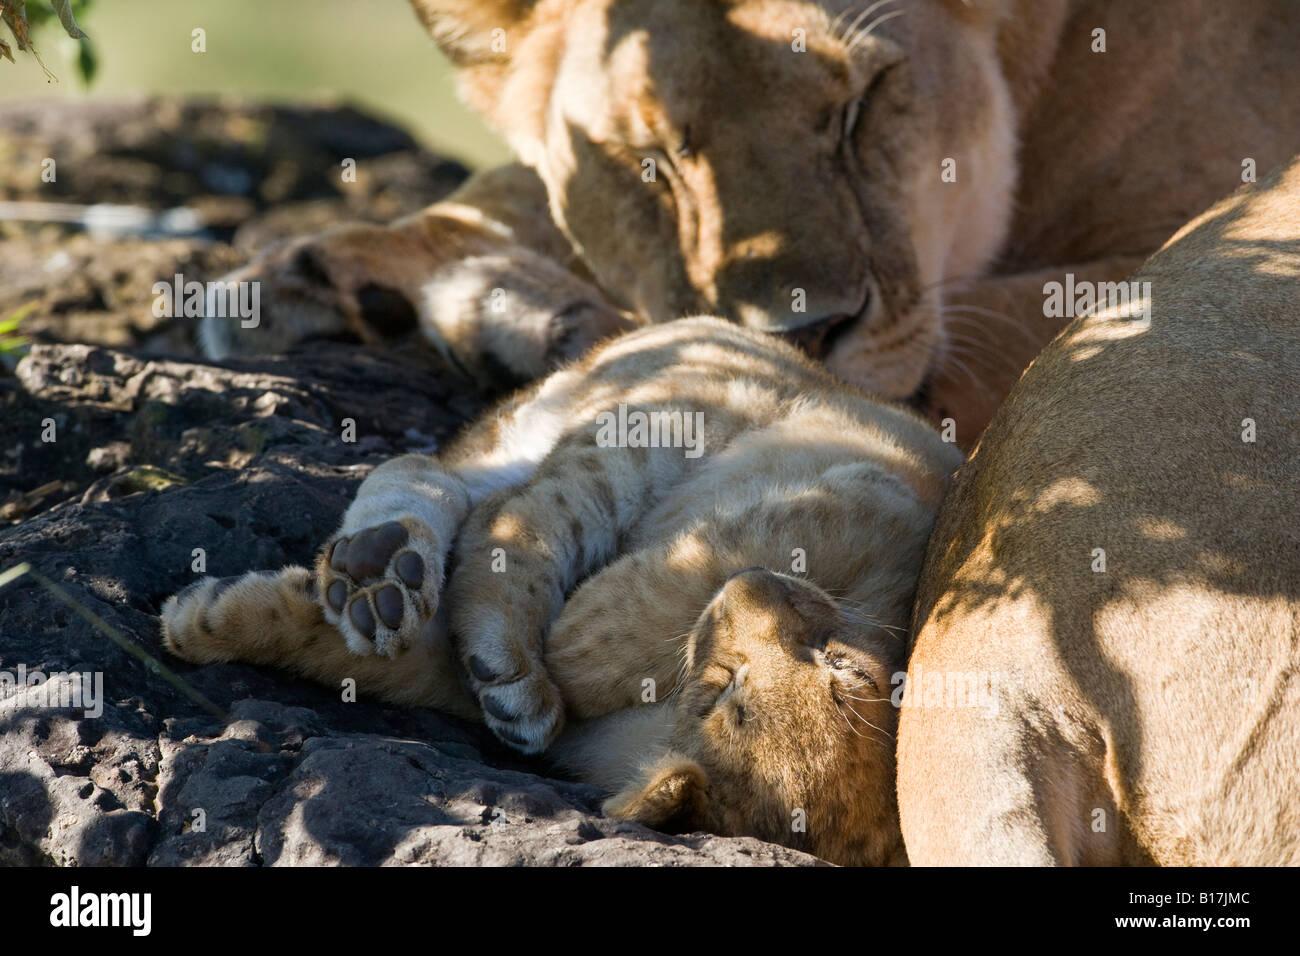 Paisaje cerca de la madre y el bebé pequeño león, cub durmiendo en patas traseras envueltos juntos tocando mum sol de cara Panthera leo Maasai Mara Kenya Foto de stock